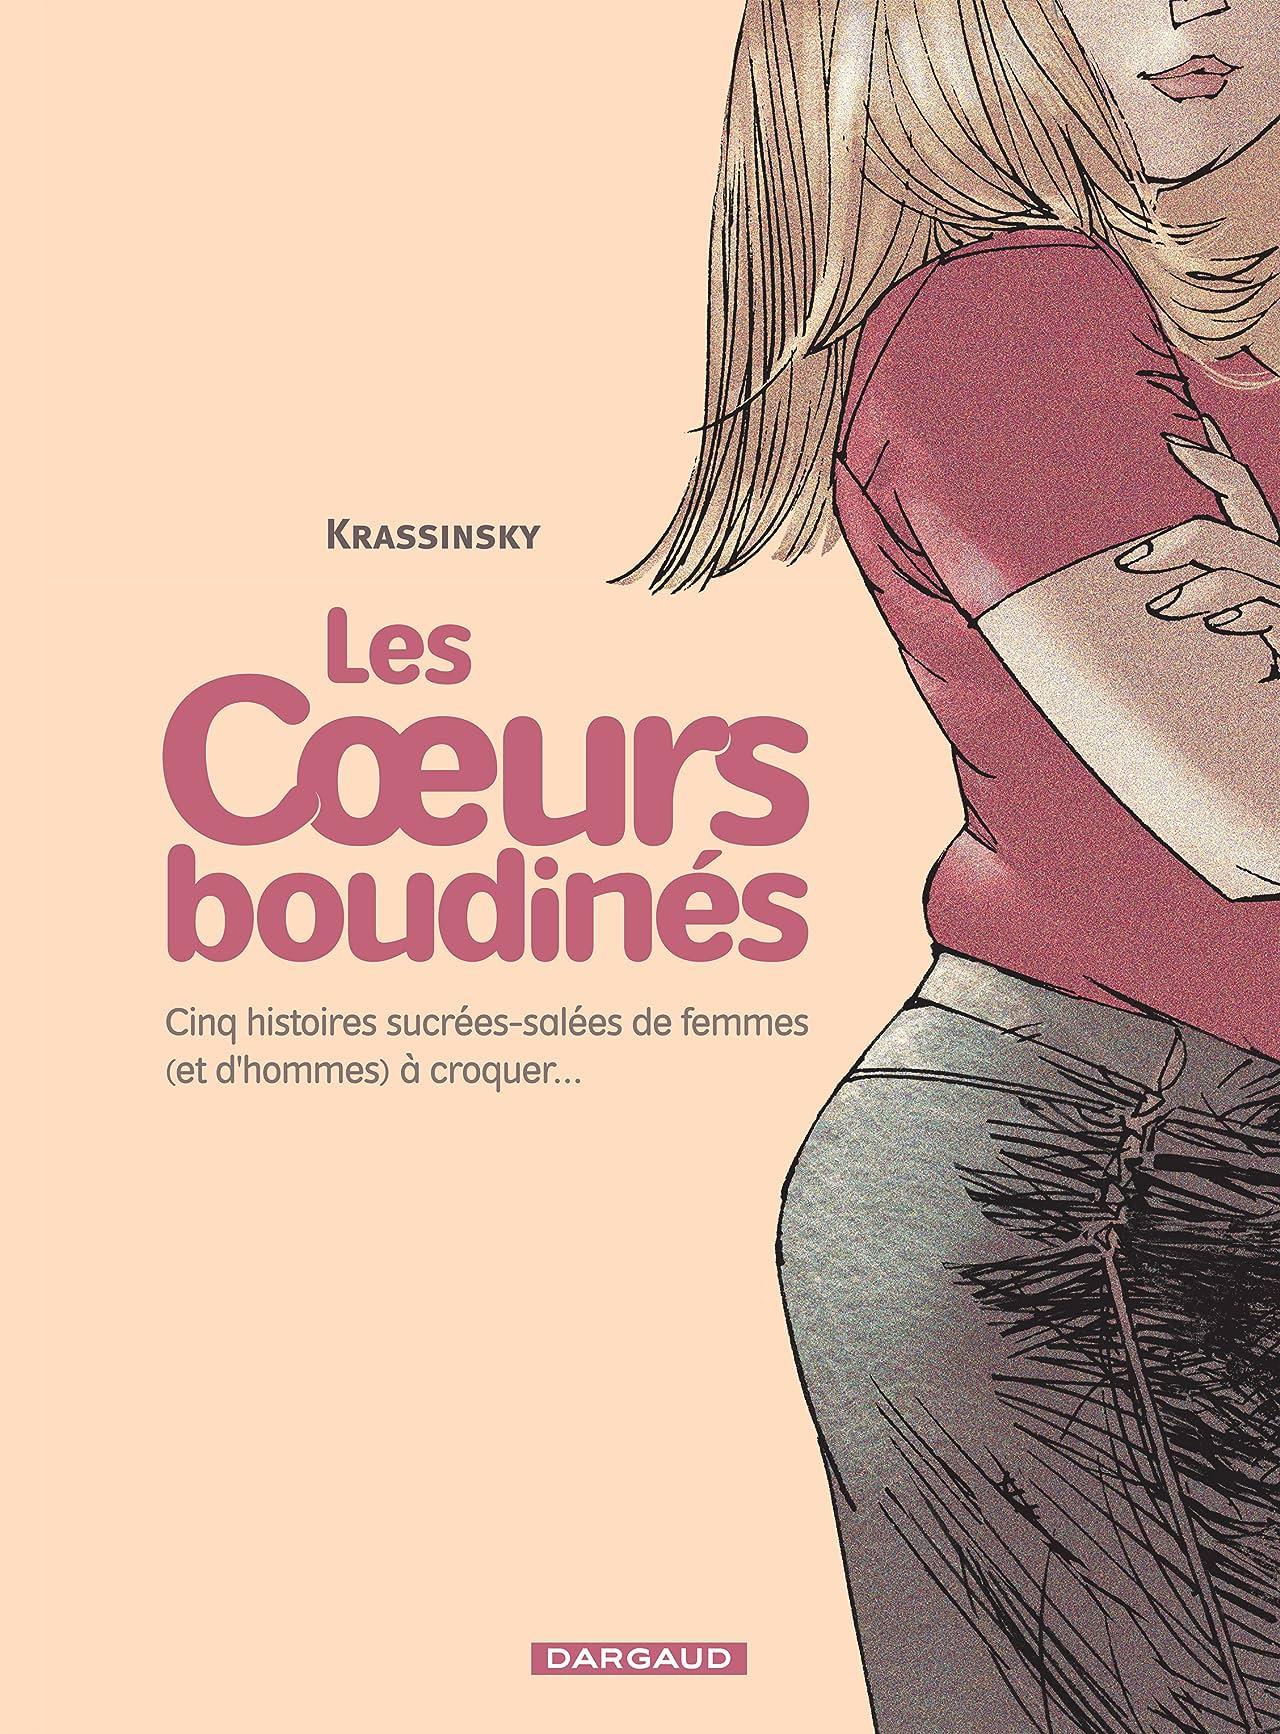 Les Coeurs boudinés Vol. 1: Cinq histoires sucrées salées de femmes (et d'hommes) à croquer